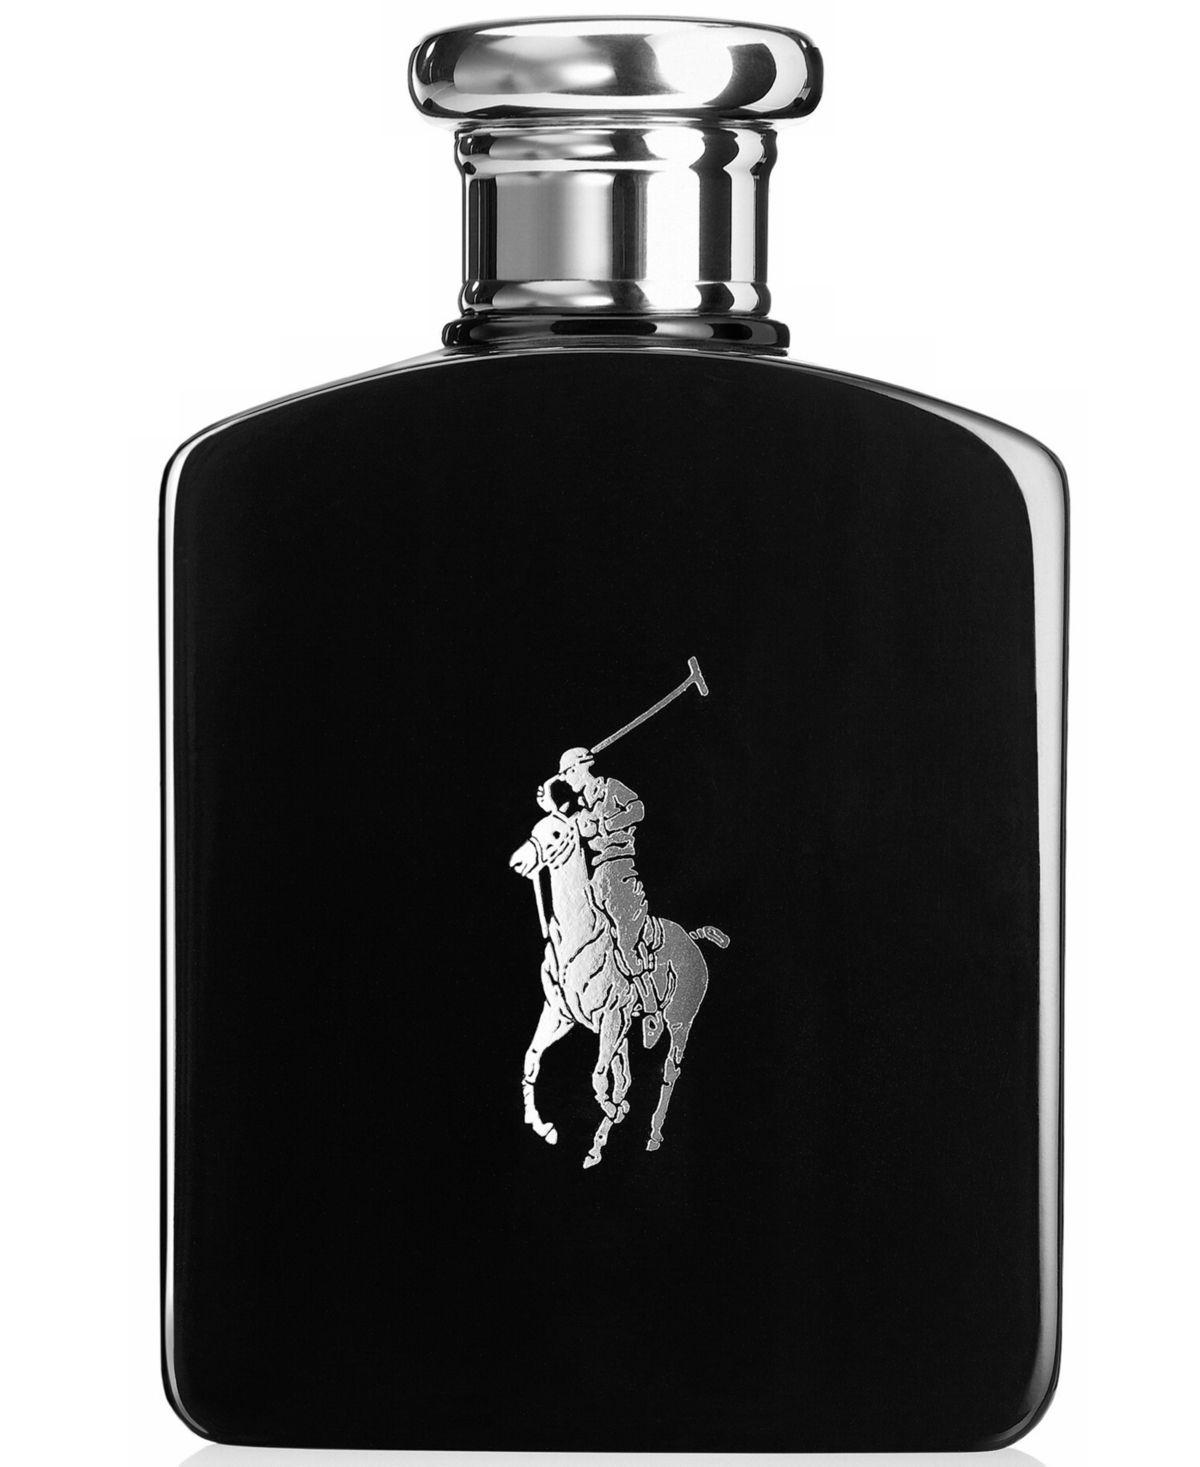 Ralph Lauren Men's Polo Black Eau de Toilette Spray, 2.5